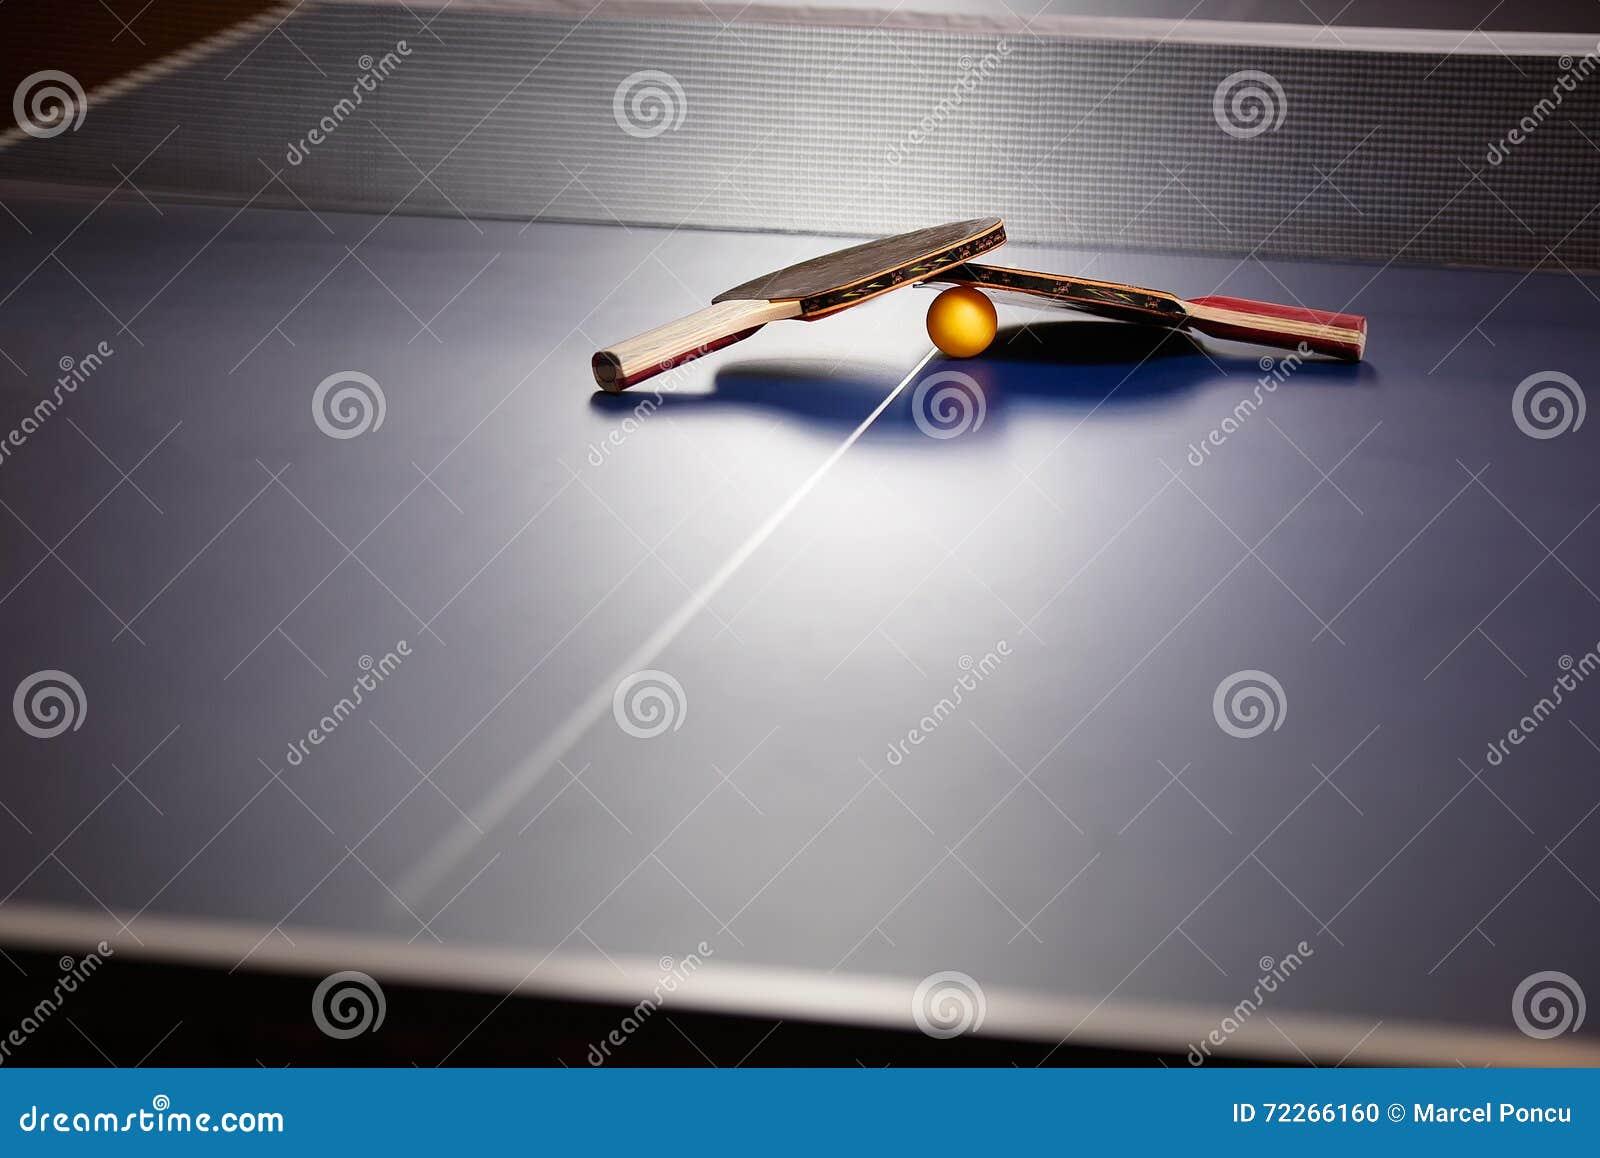 Δύο επιτραπέζια αντισφαίριση ή ρακέτες και σφαίρα αντισφαίρισης σε έναν μπλε πίνακα W